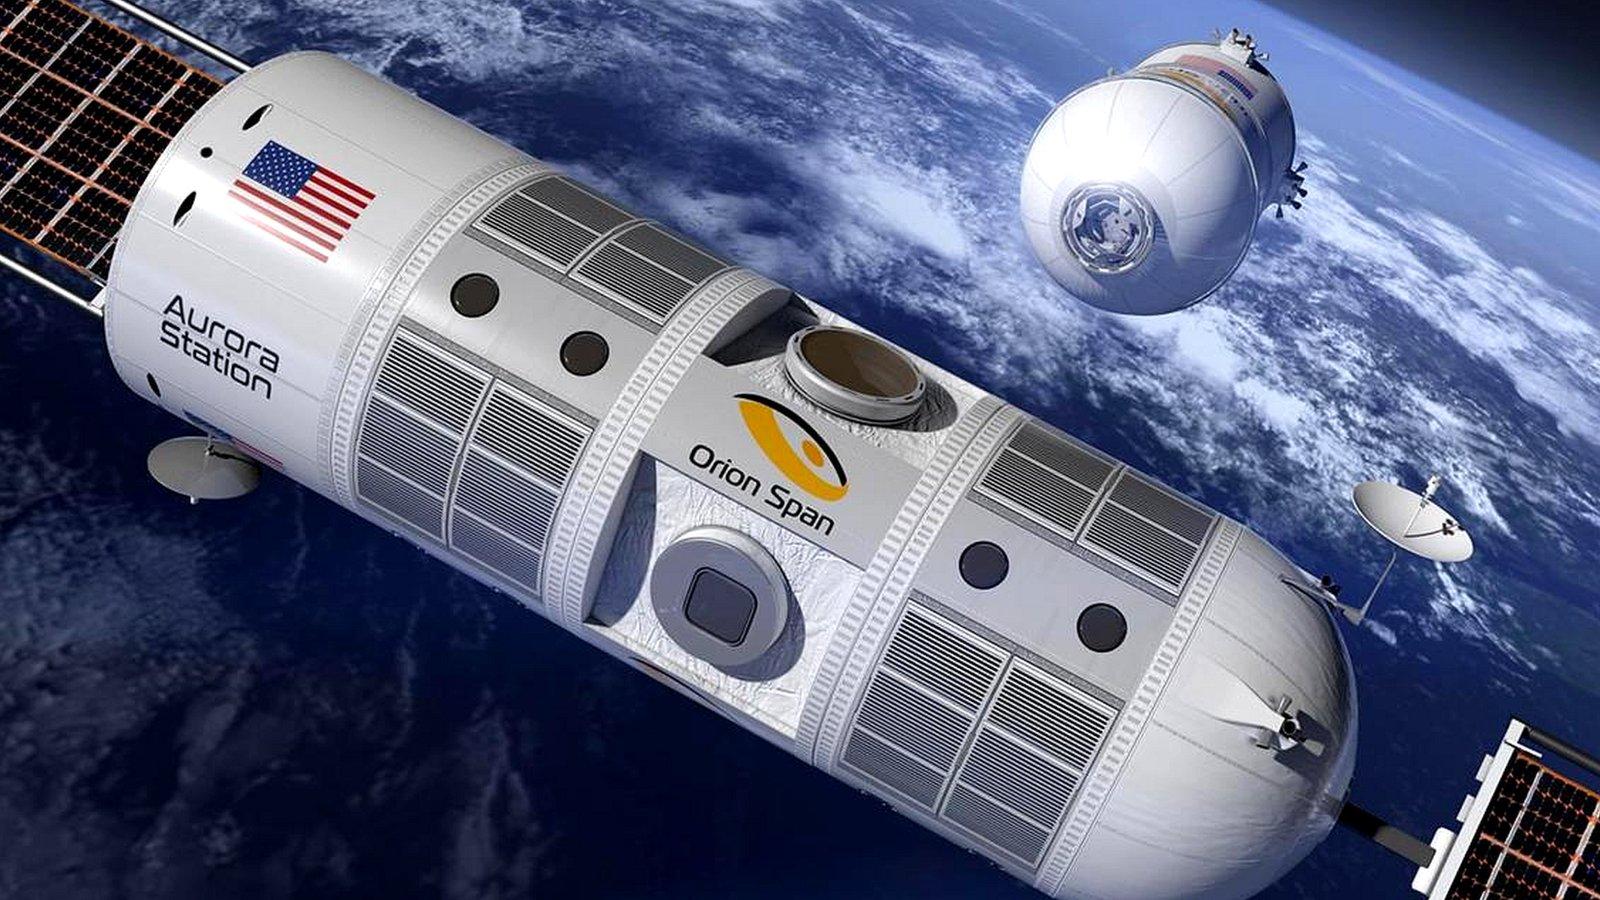 Aurora Station, космический отель на орбите: когда и почём?